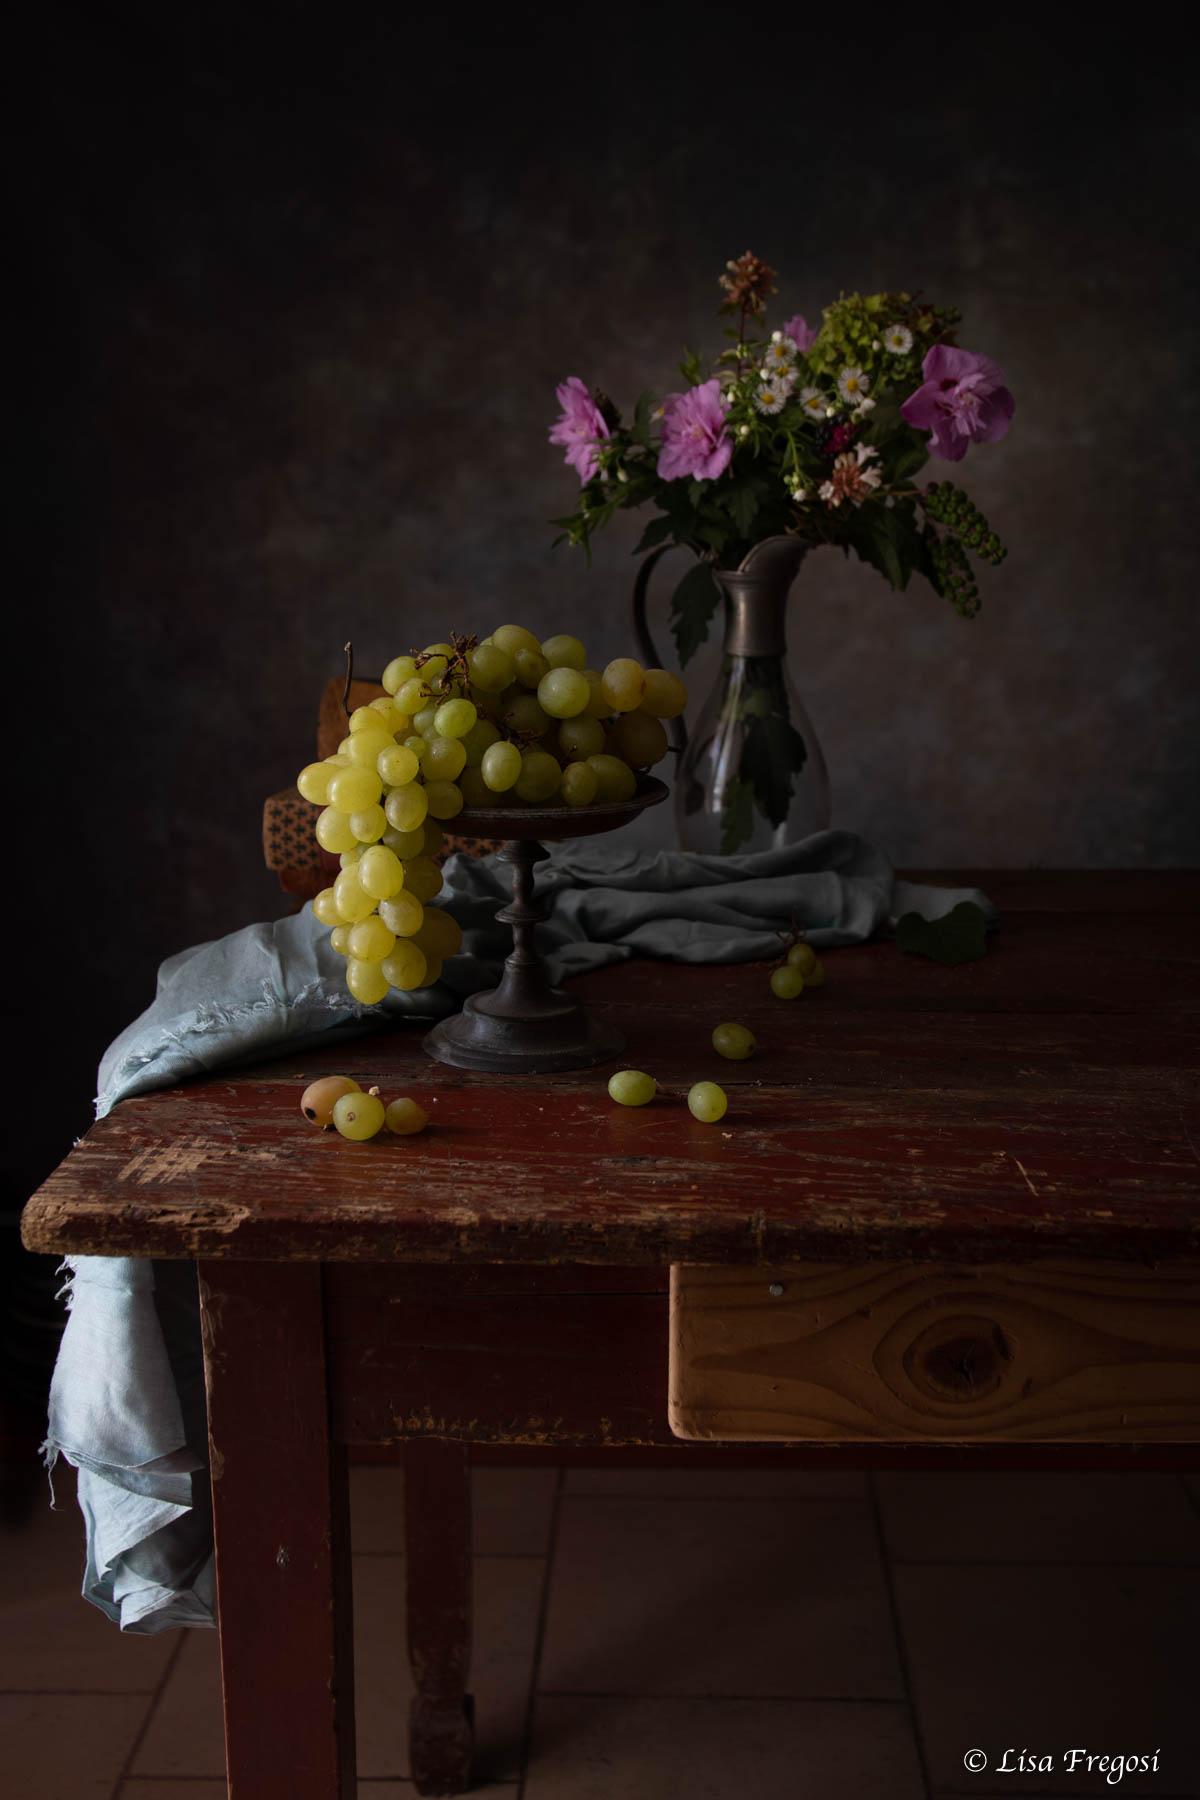 uva bianca still life